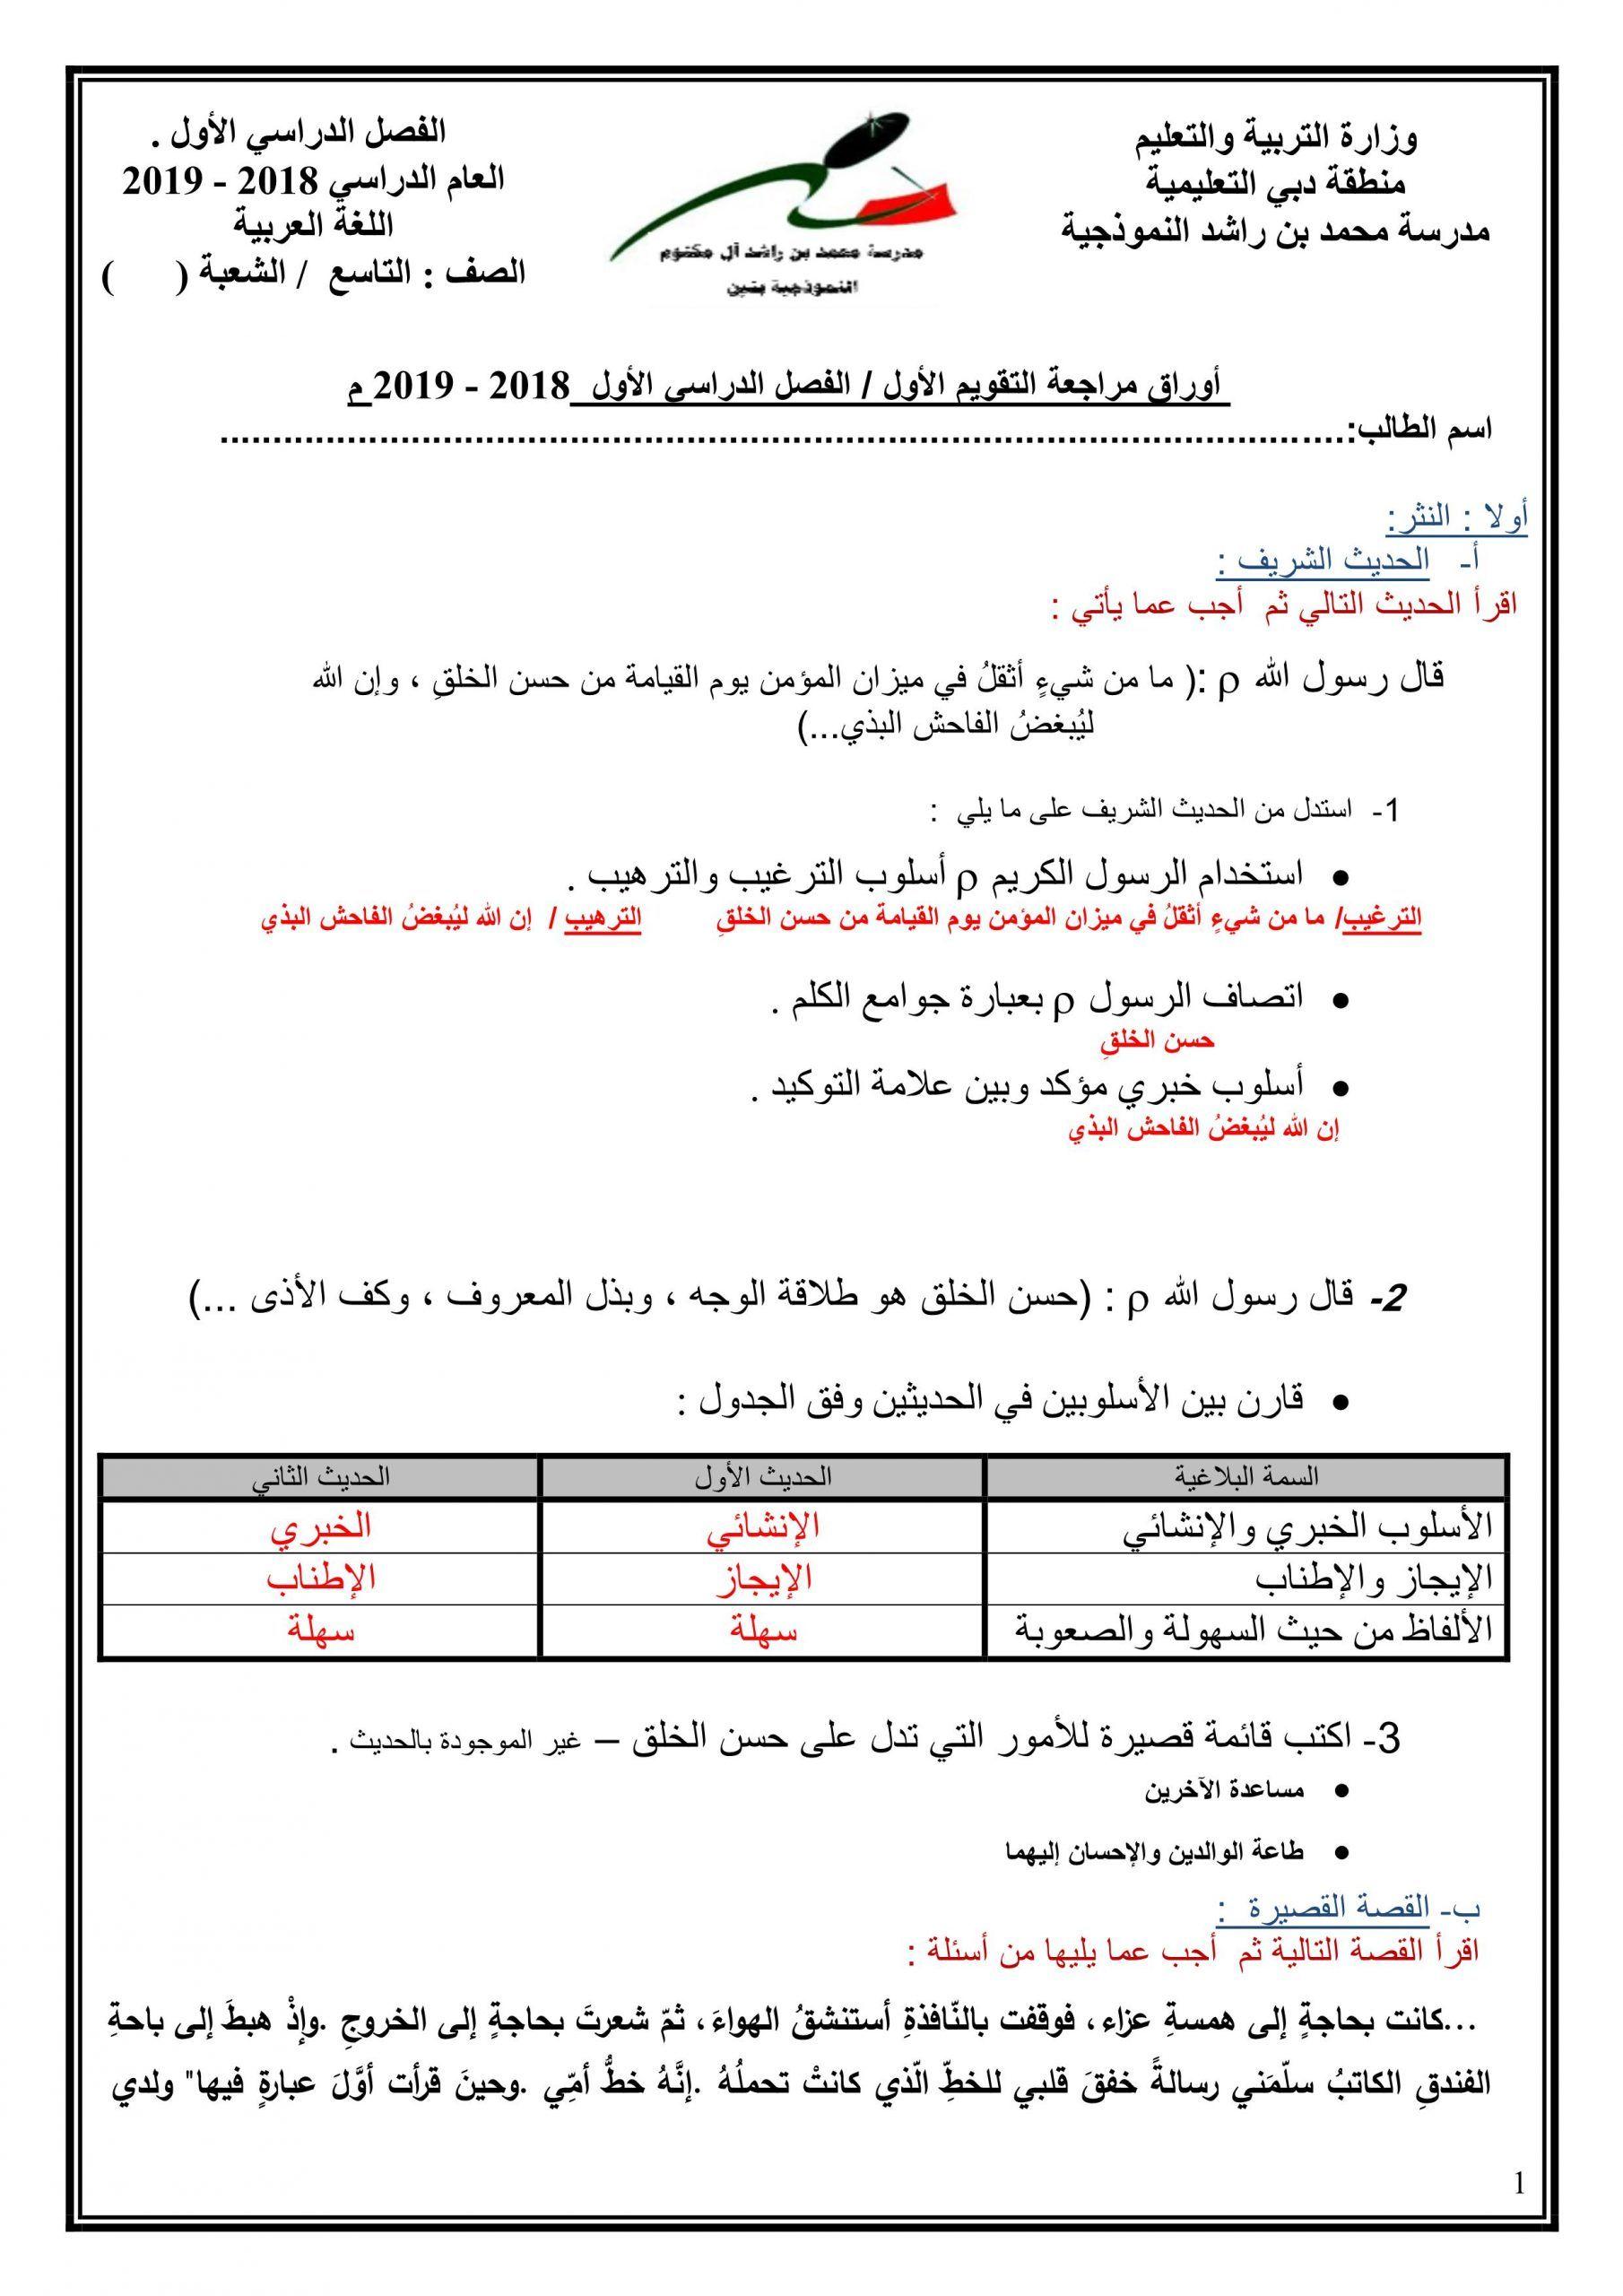 اوراق عمل مراجعة التقويم الاول للصف التاسع مادة اللغة العربية